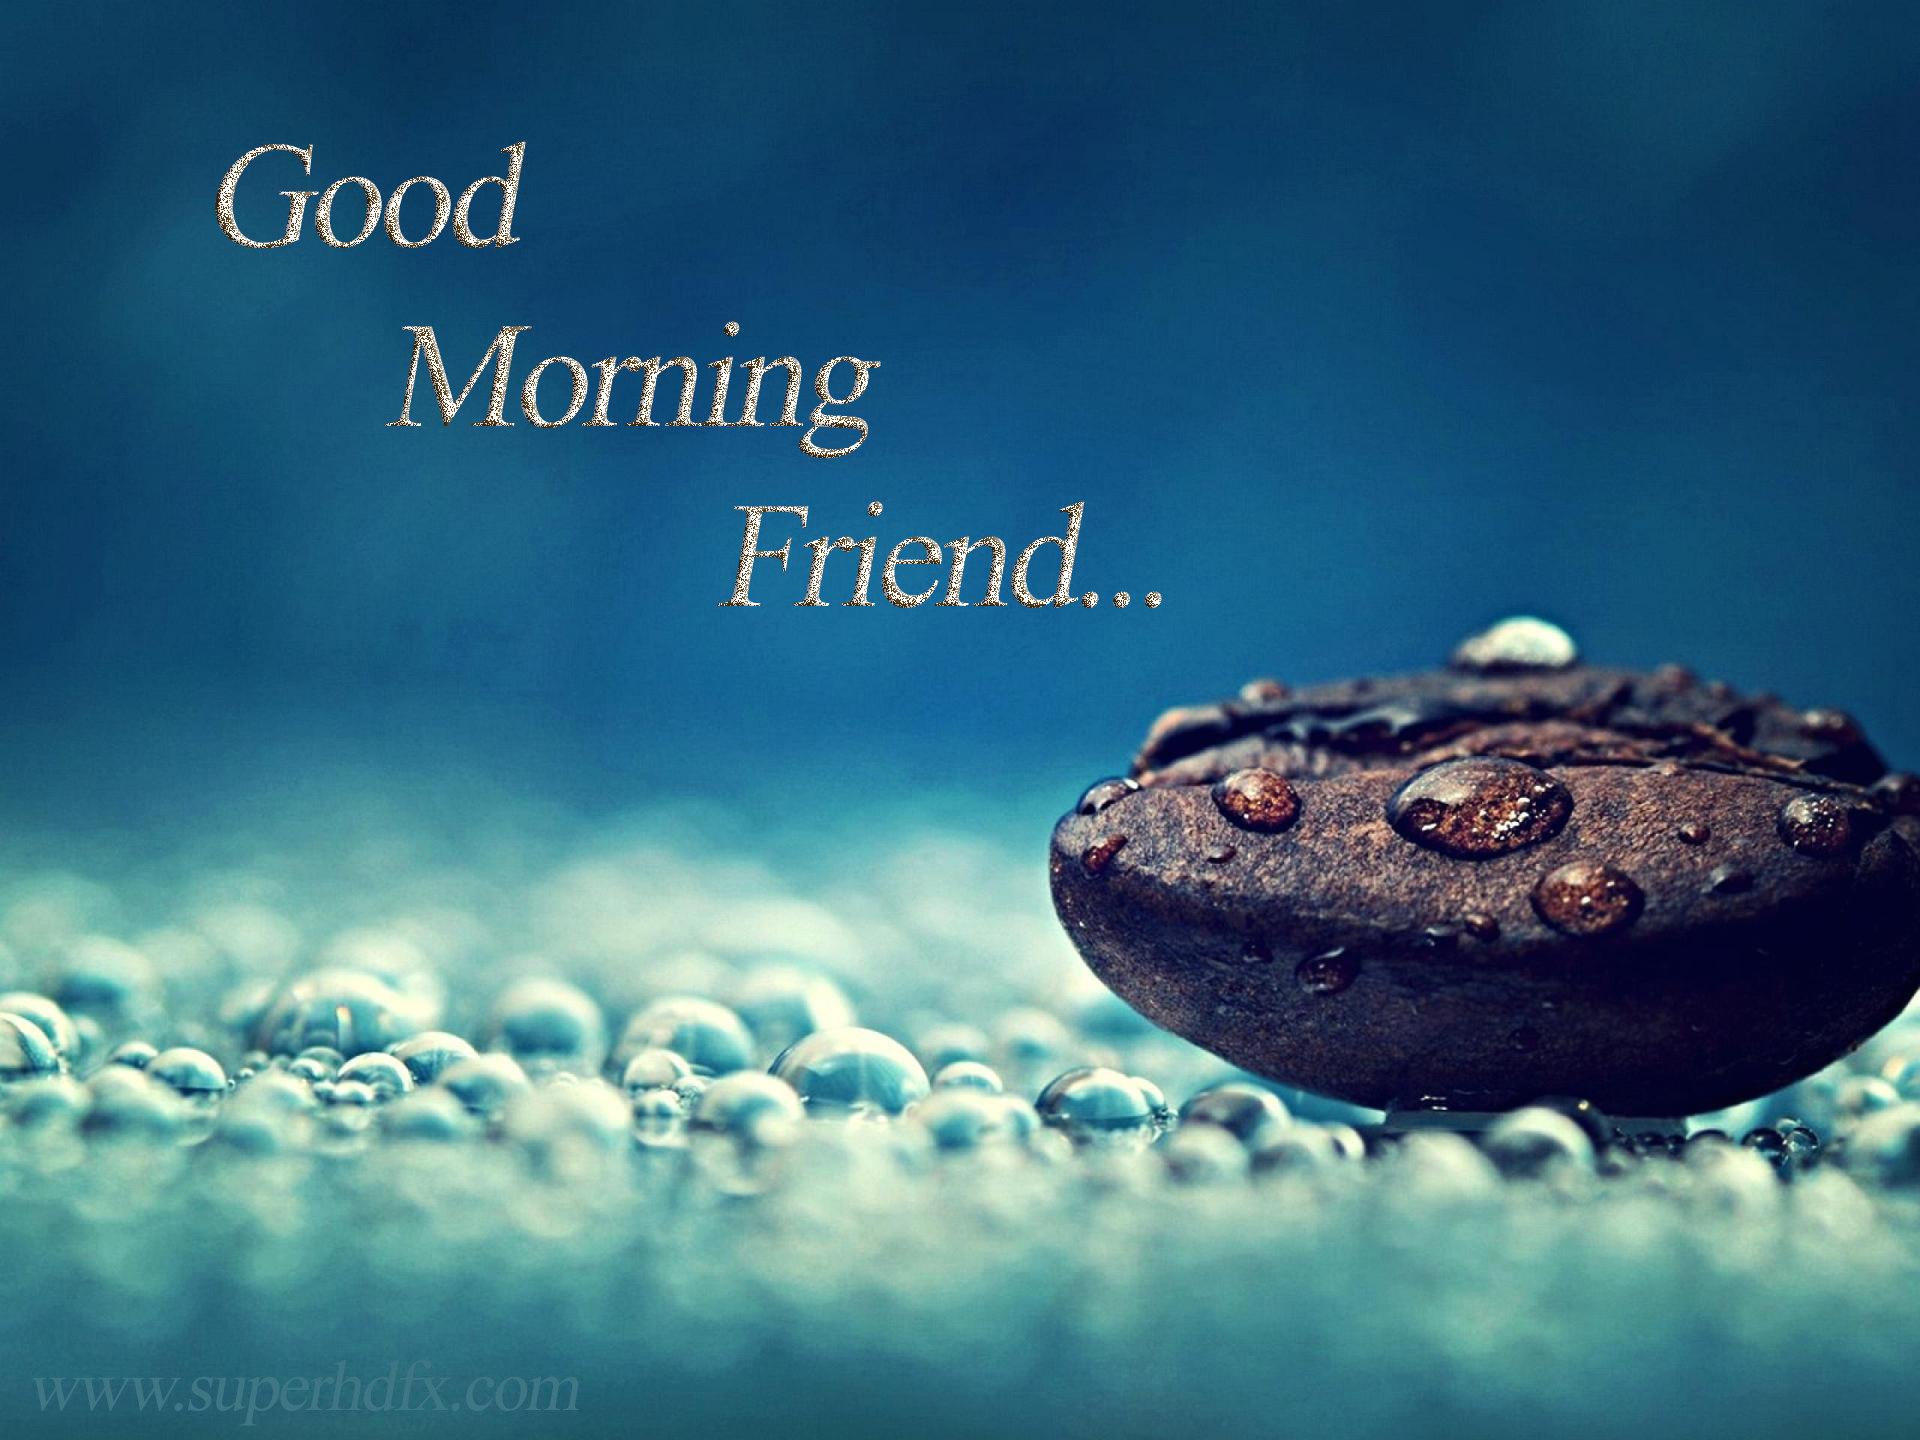 بالصور كلمات صباحية للاصدقاء , كلمات لاصدقاء صباحية جميله 5460 3